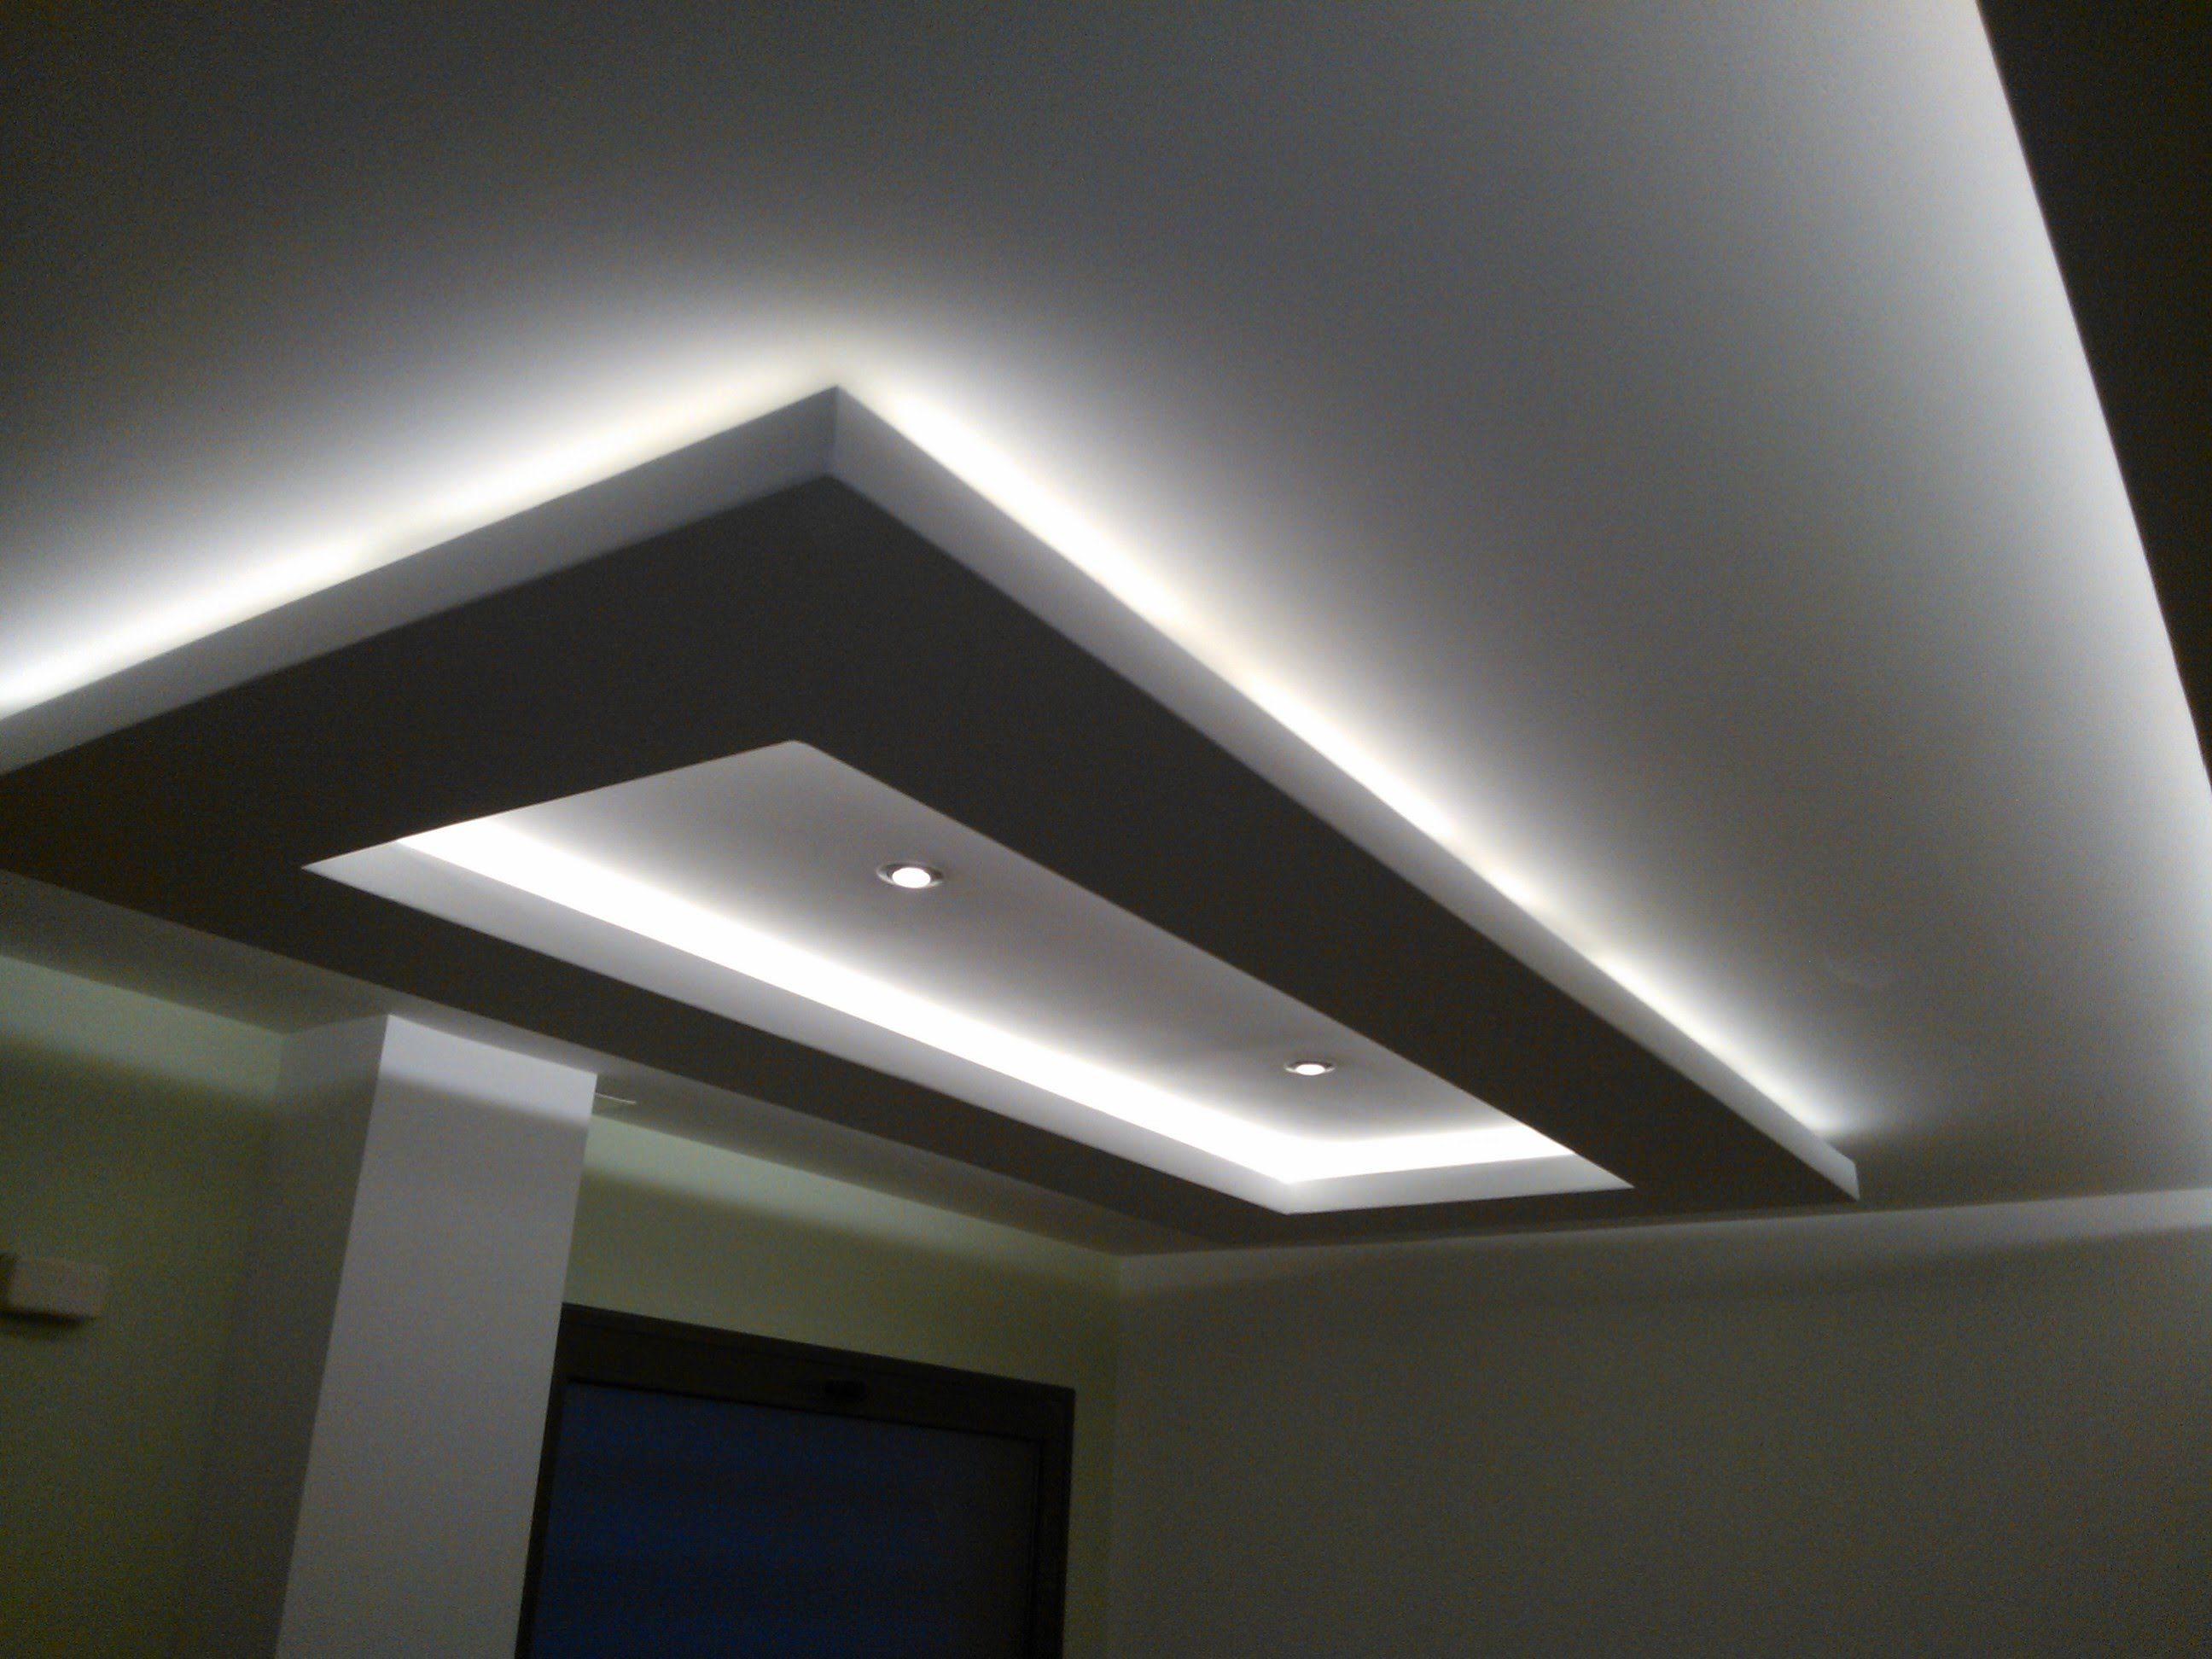 indirect lighting ideas. ILUMINACION LED-RGB, FALSOS TECHOS E ESCONDIDA,OCULTA,INDIRECTA. False Ceiling IdeasIndirect LightingLed Indirect Lighting Ideas